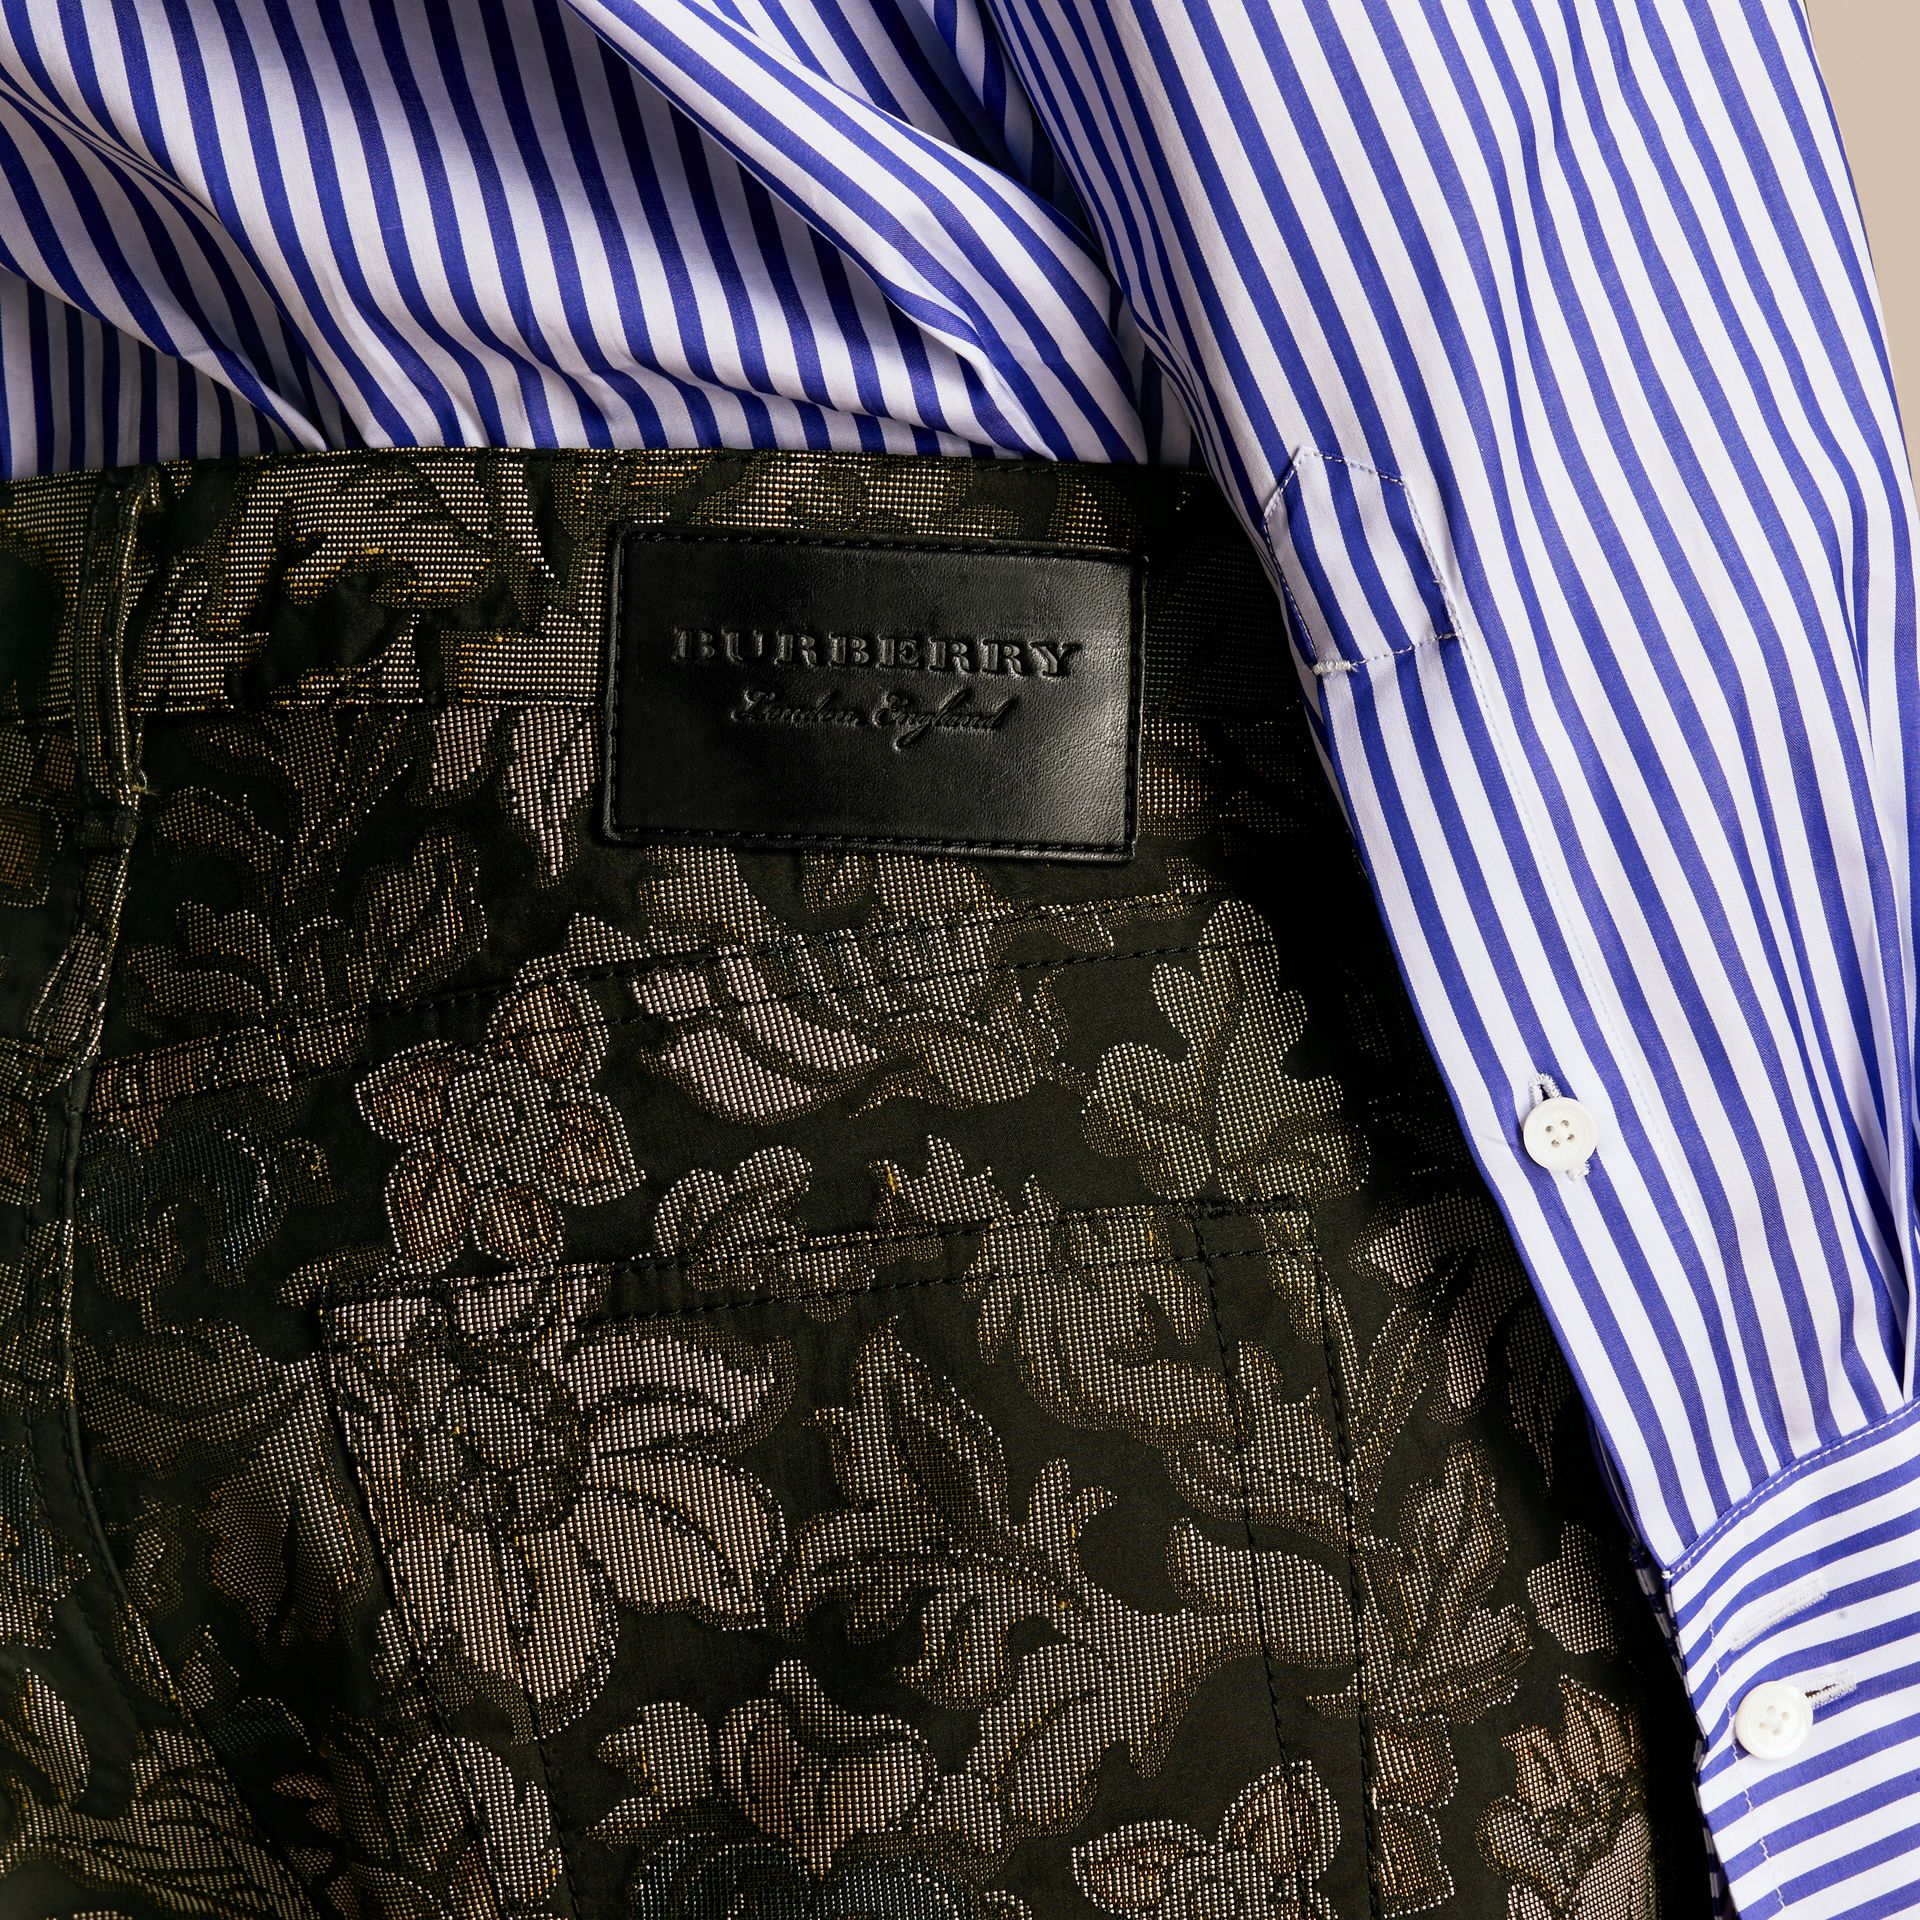 Шалфей Узкие джинсы с цветочным узором Шалфей - изображение 6